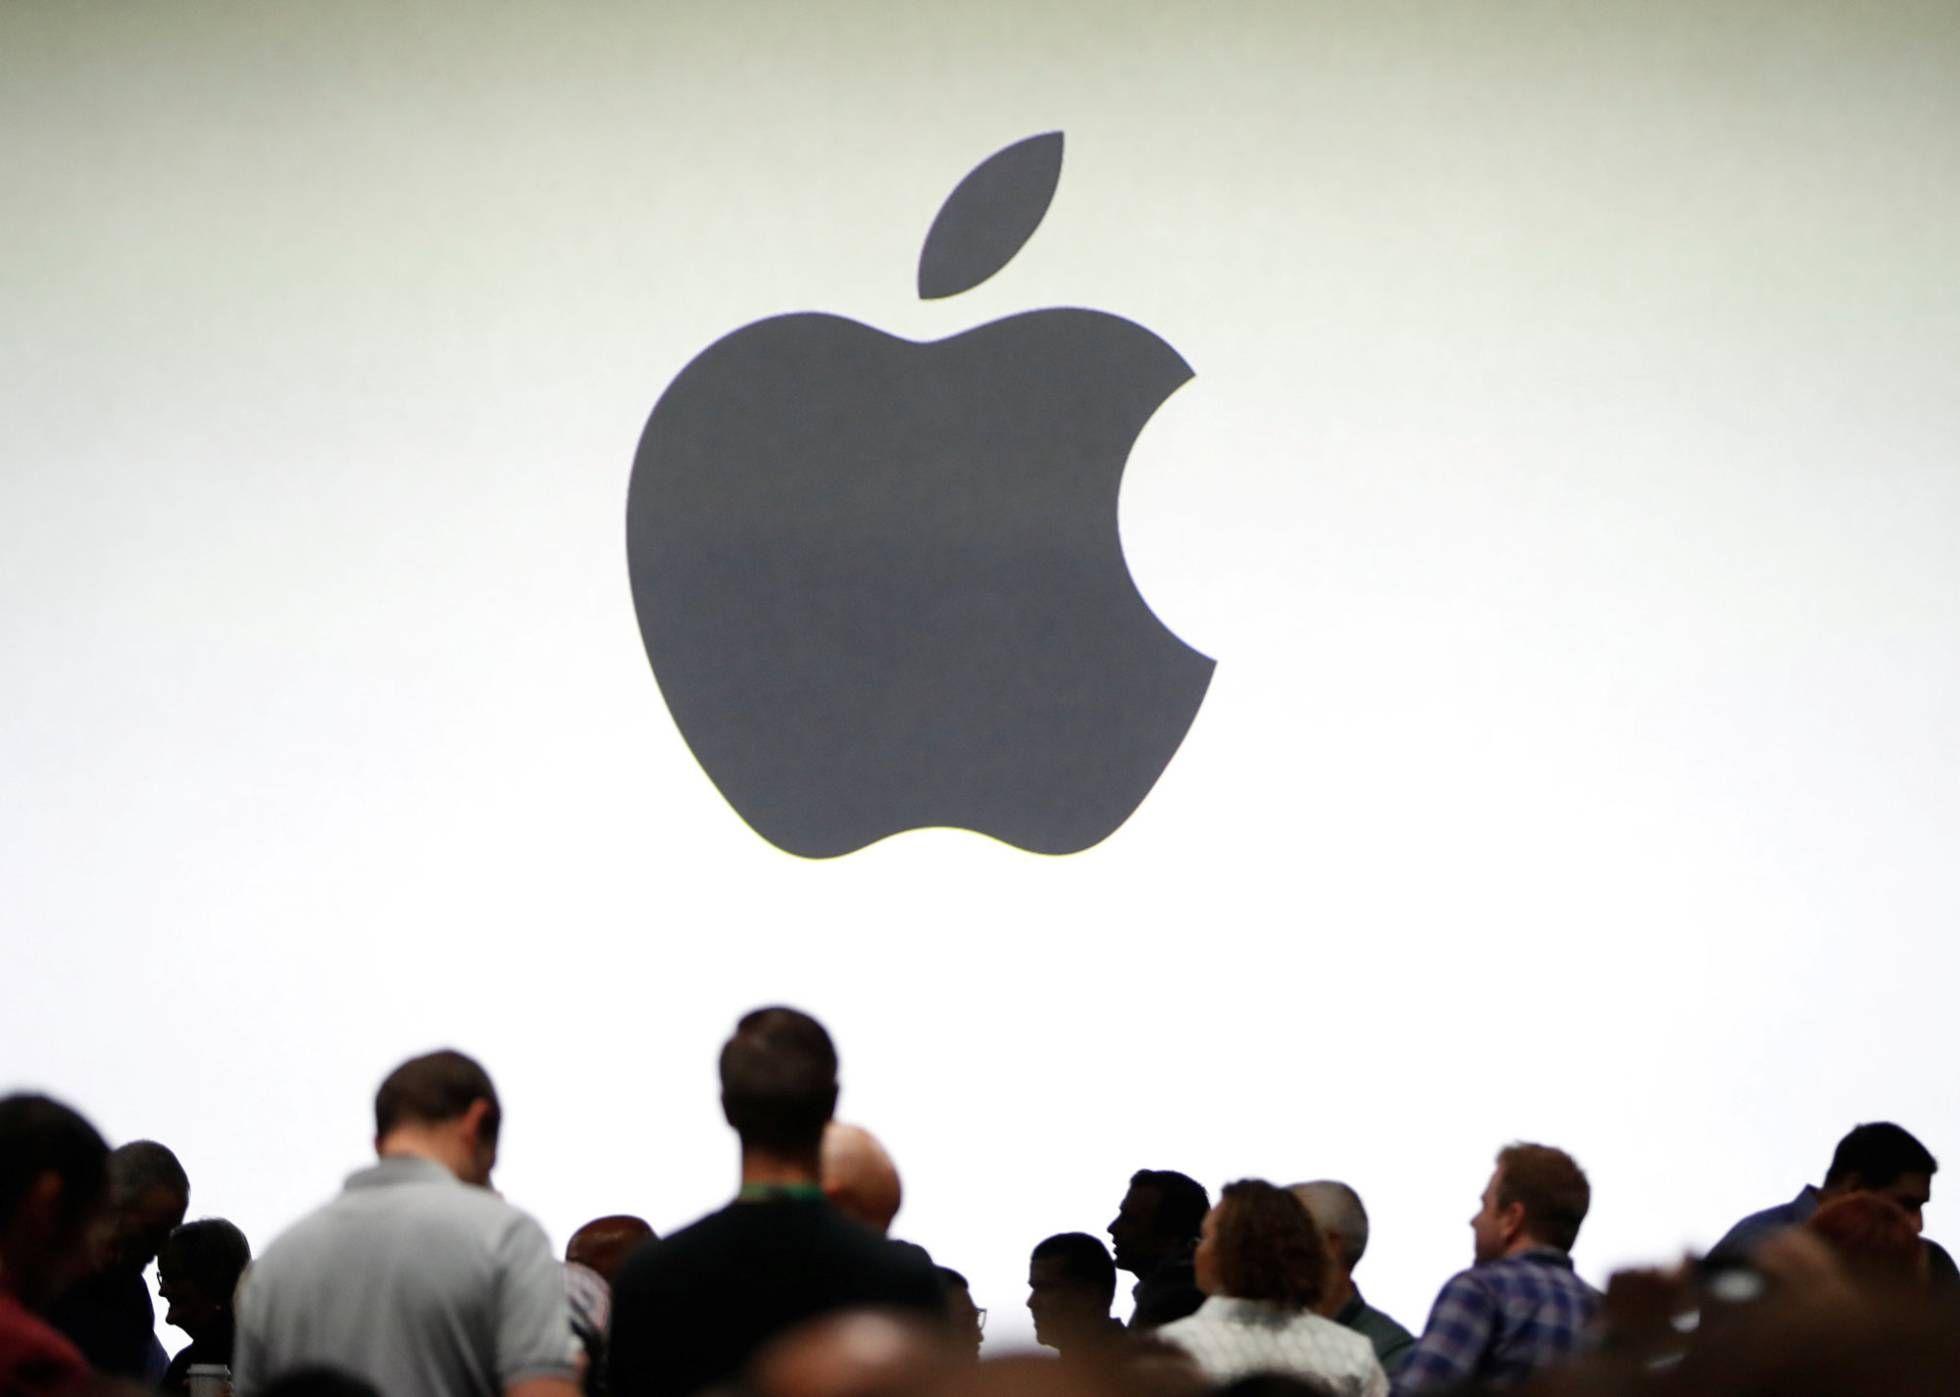 Las acciones de Apple han bajado mucho desde que se ha anunciado el Iphone8